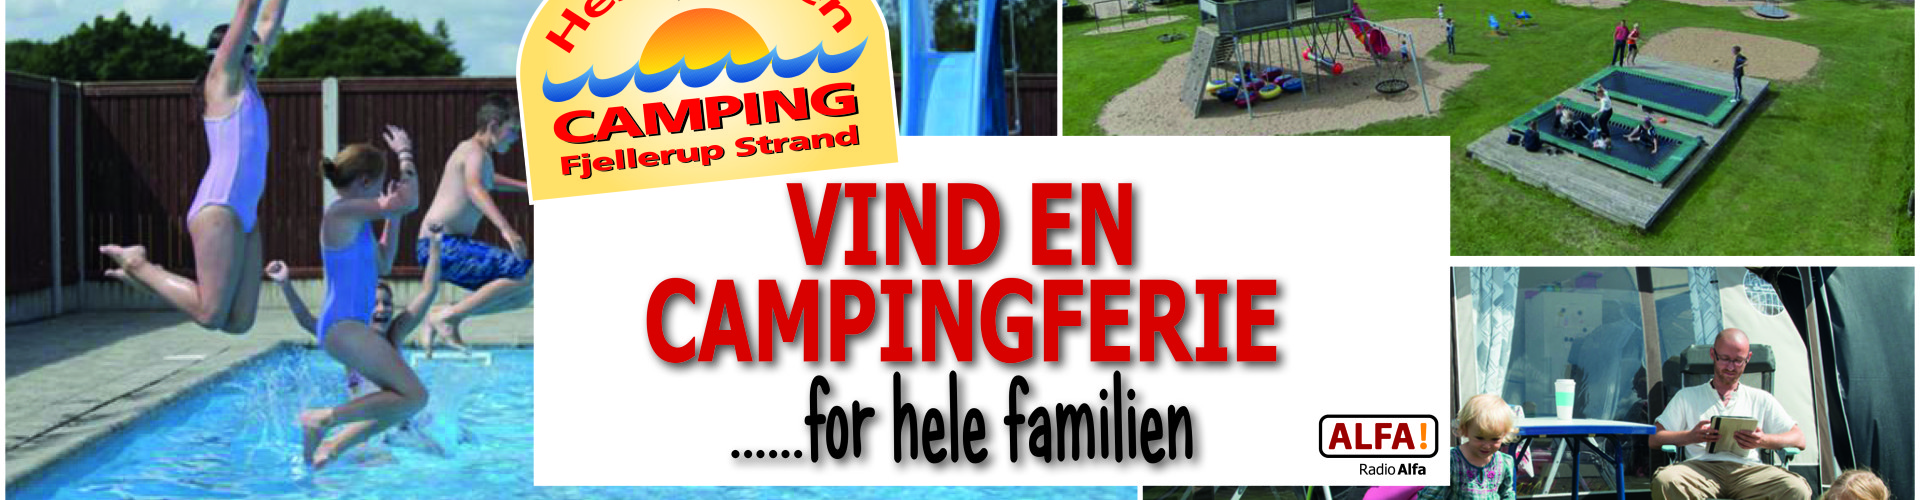 Vind en campingferie på Hestehaven Camping